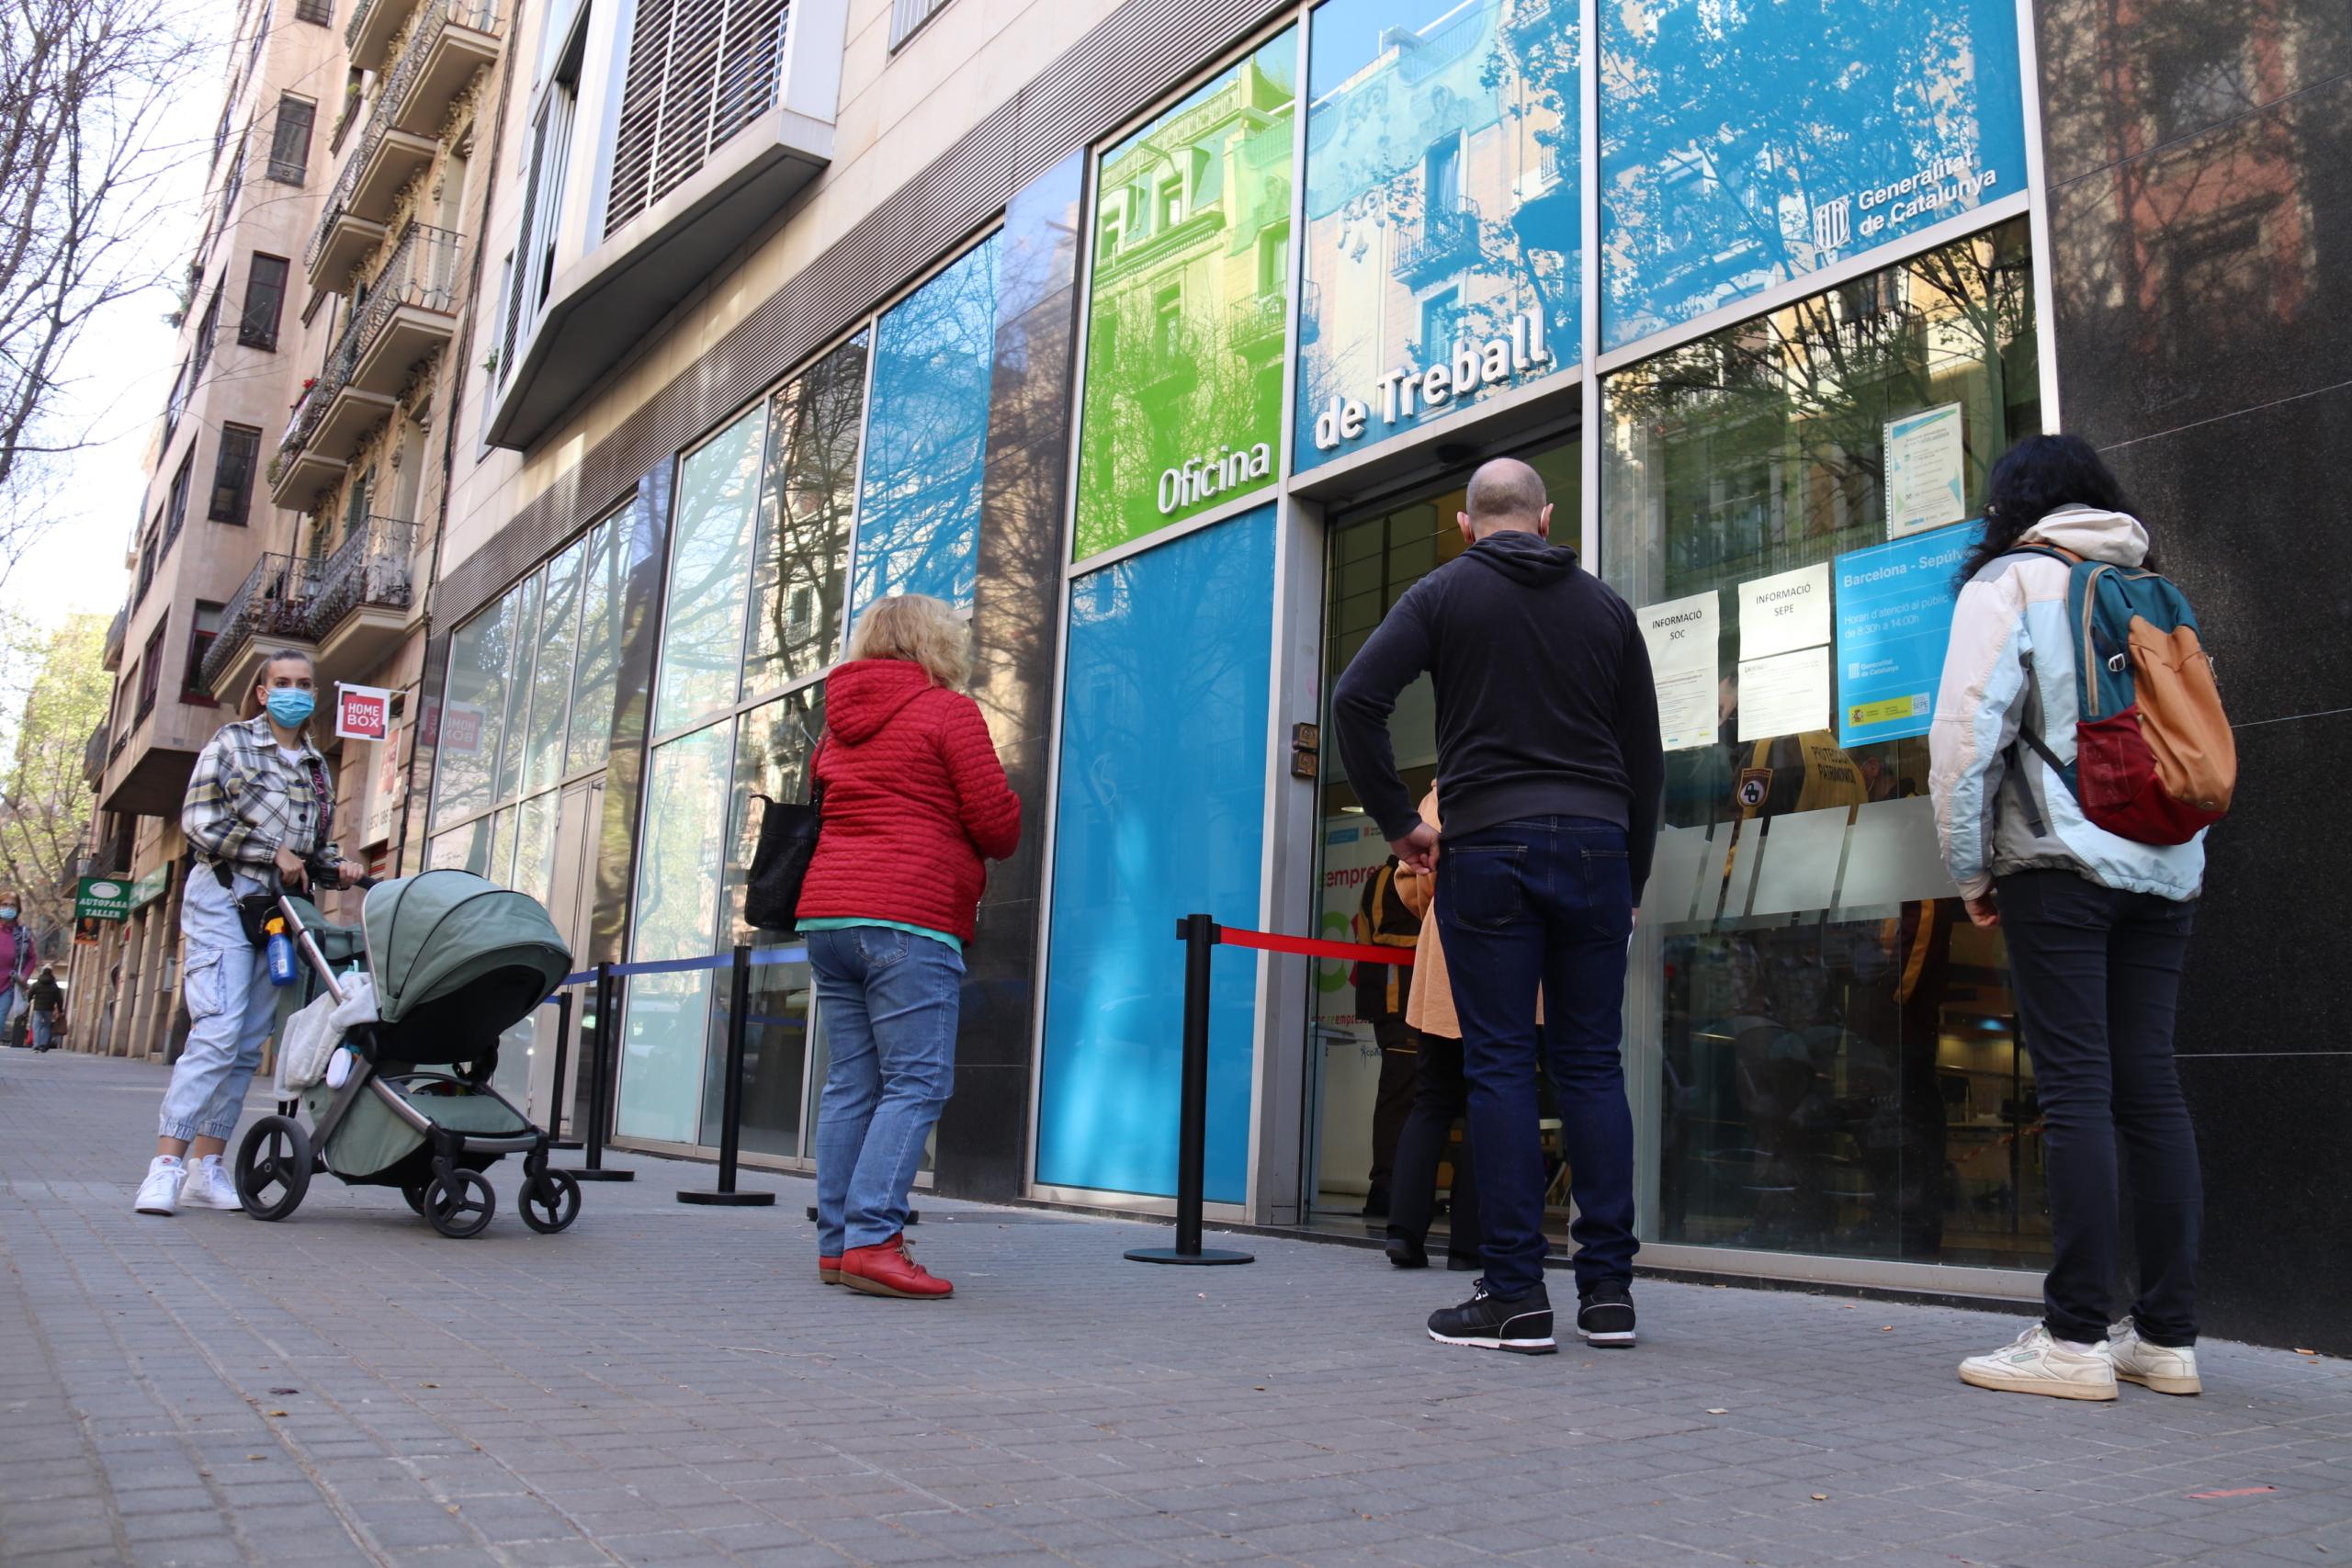 L'Oficina de Treball del carrer Sepúlveda de Barcelona   ACN